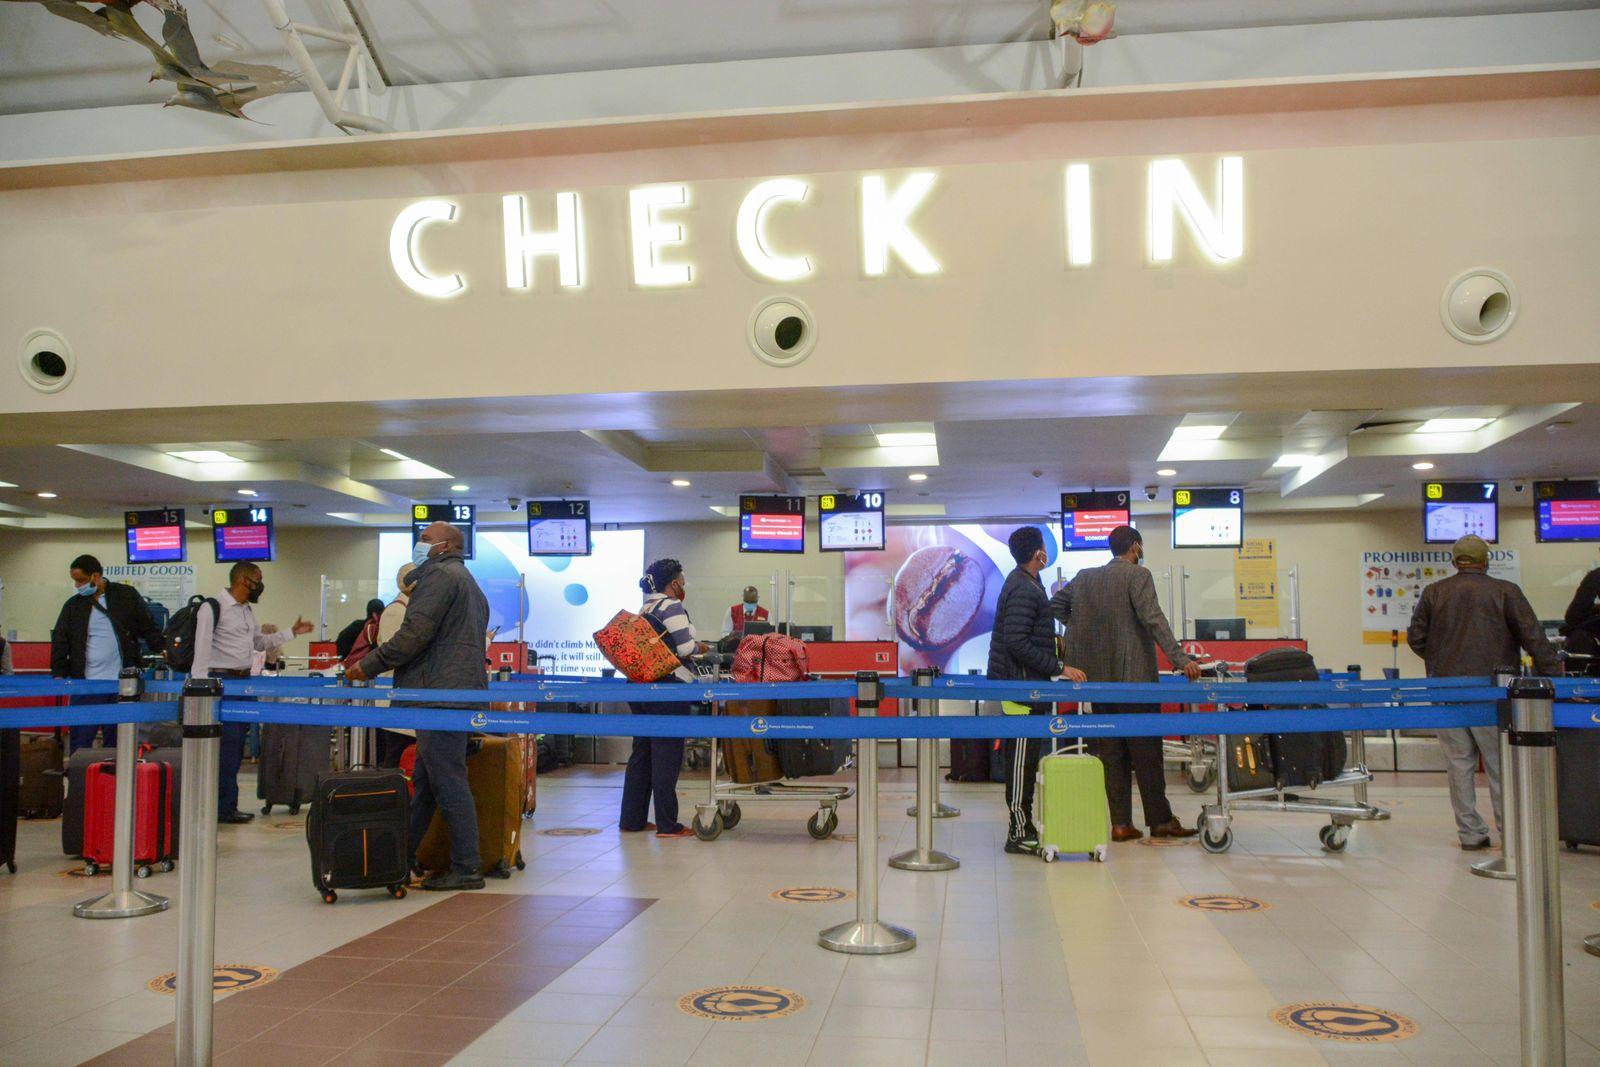 July 31, 2020, Nairobi, Kenya: Passengers in facemasks queue at a check-in point at Jomo Kenyatta International Airport